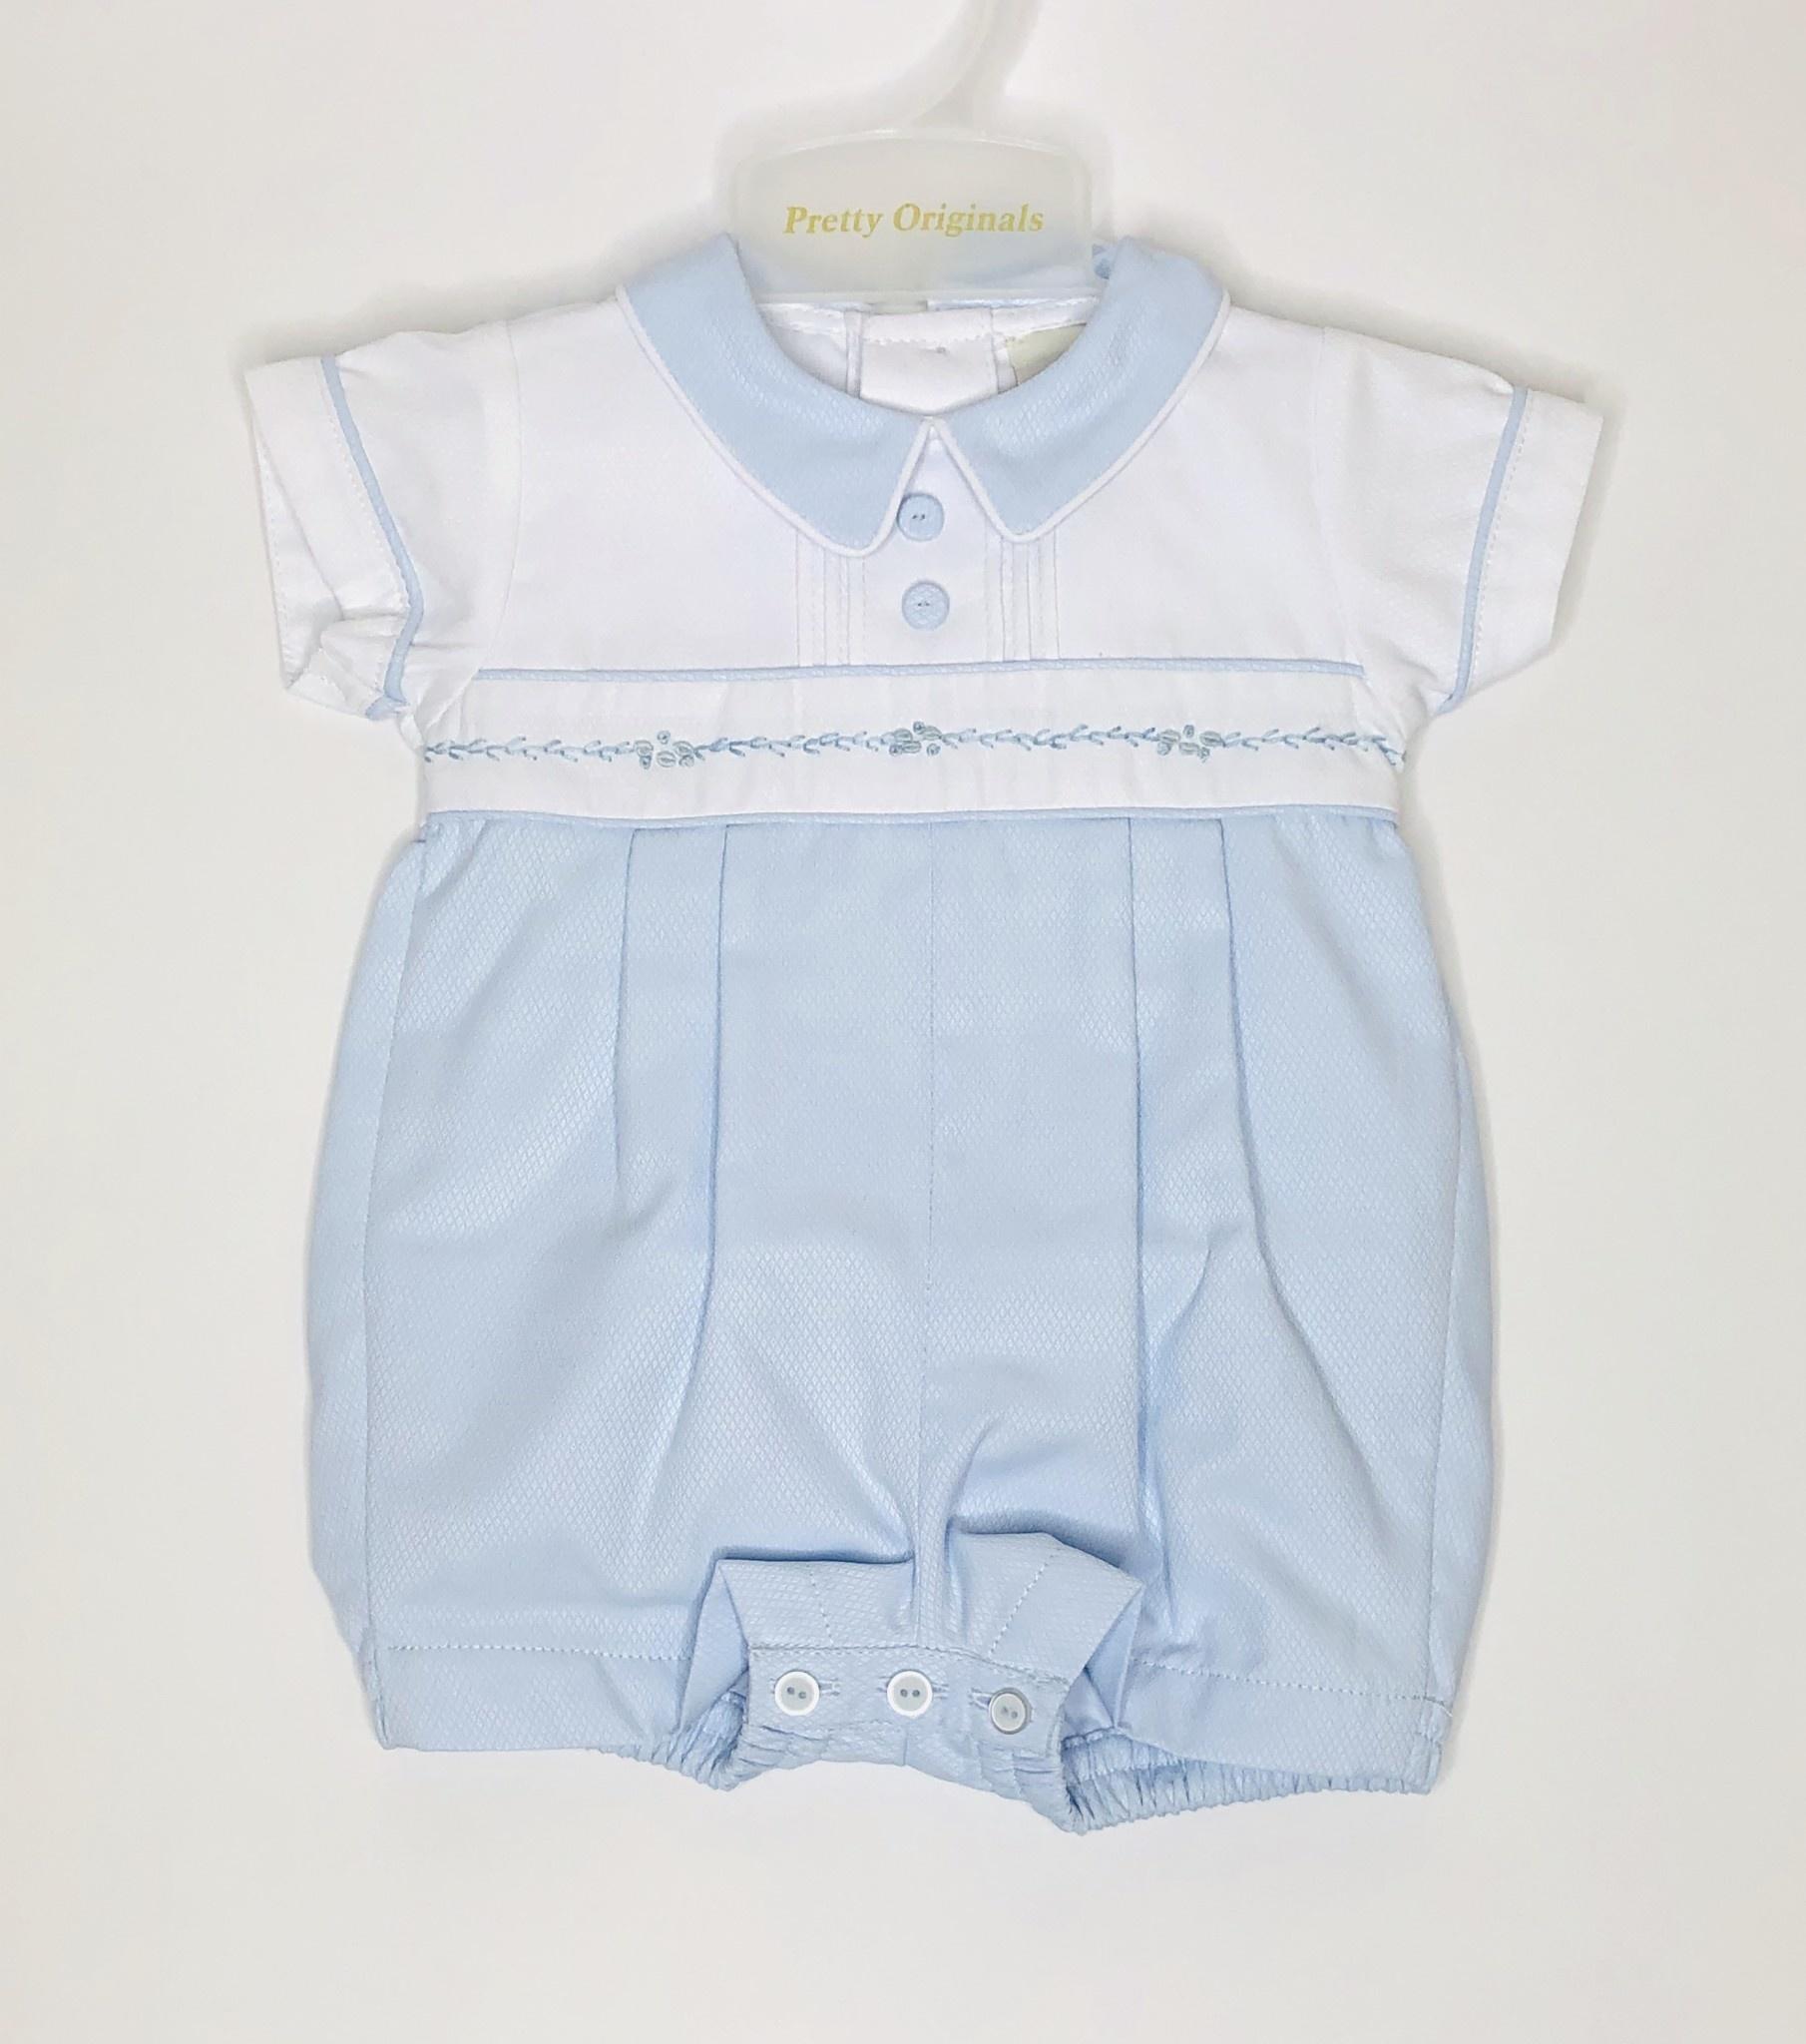 Pretty Originals Pretty Originals Dl61973E Boys Blue/White Romper